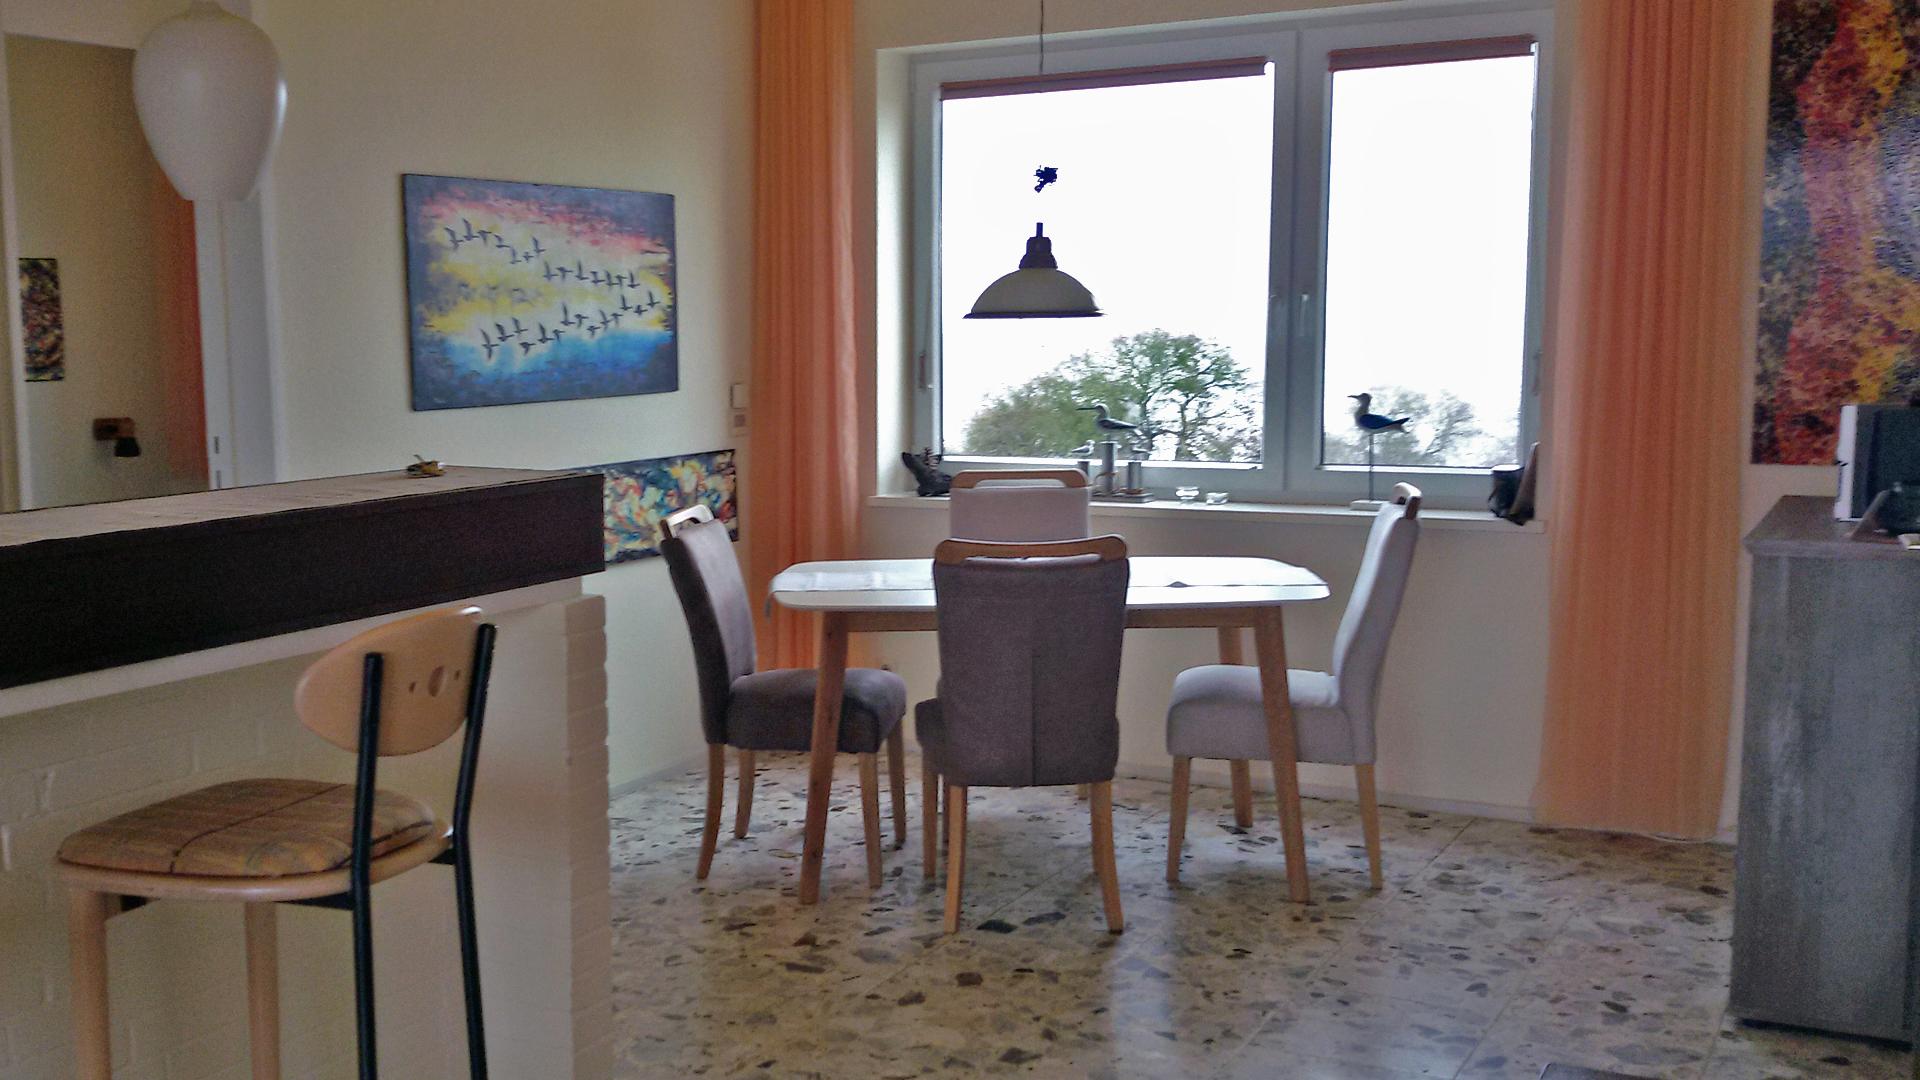 malerhaus-kuhse-ferienwohnung-hohes-ufer-essplatz